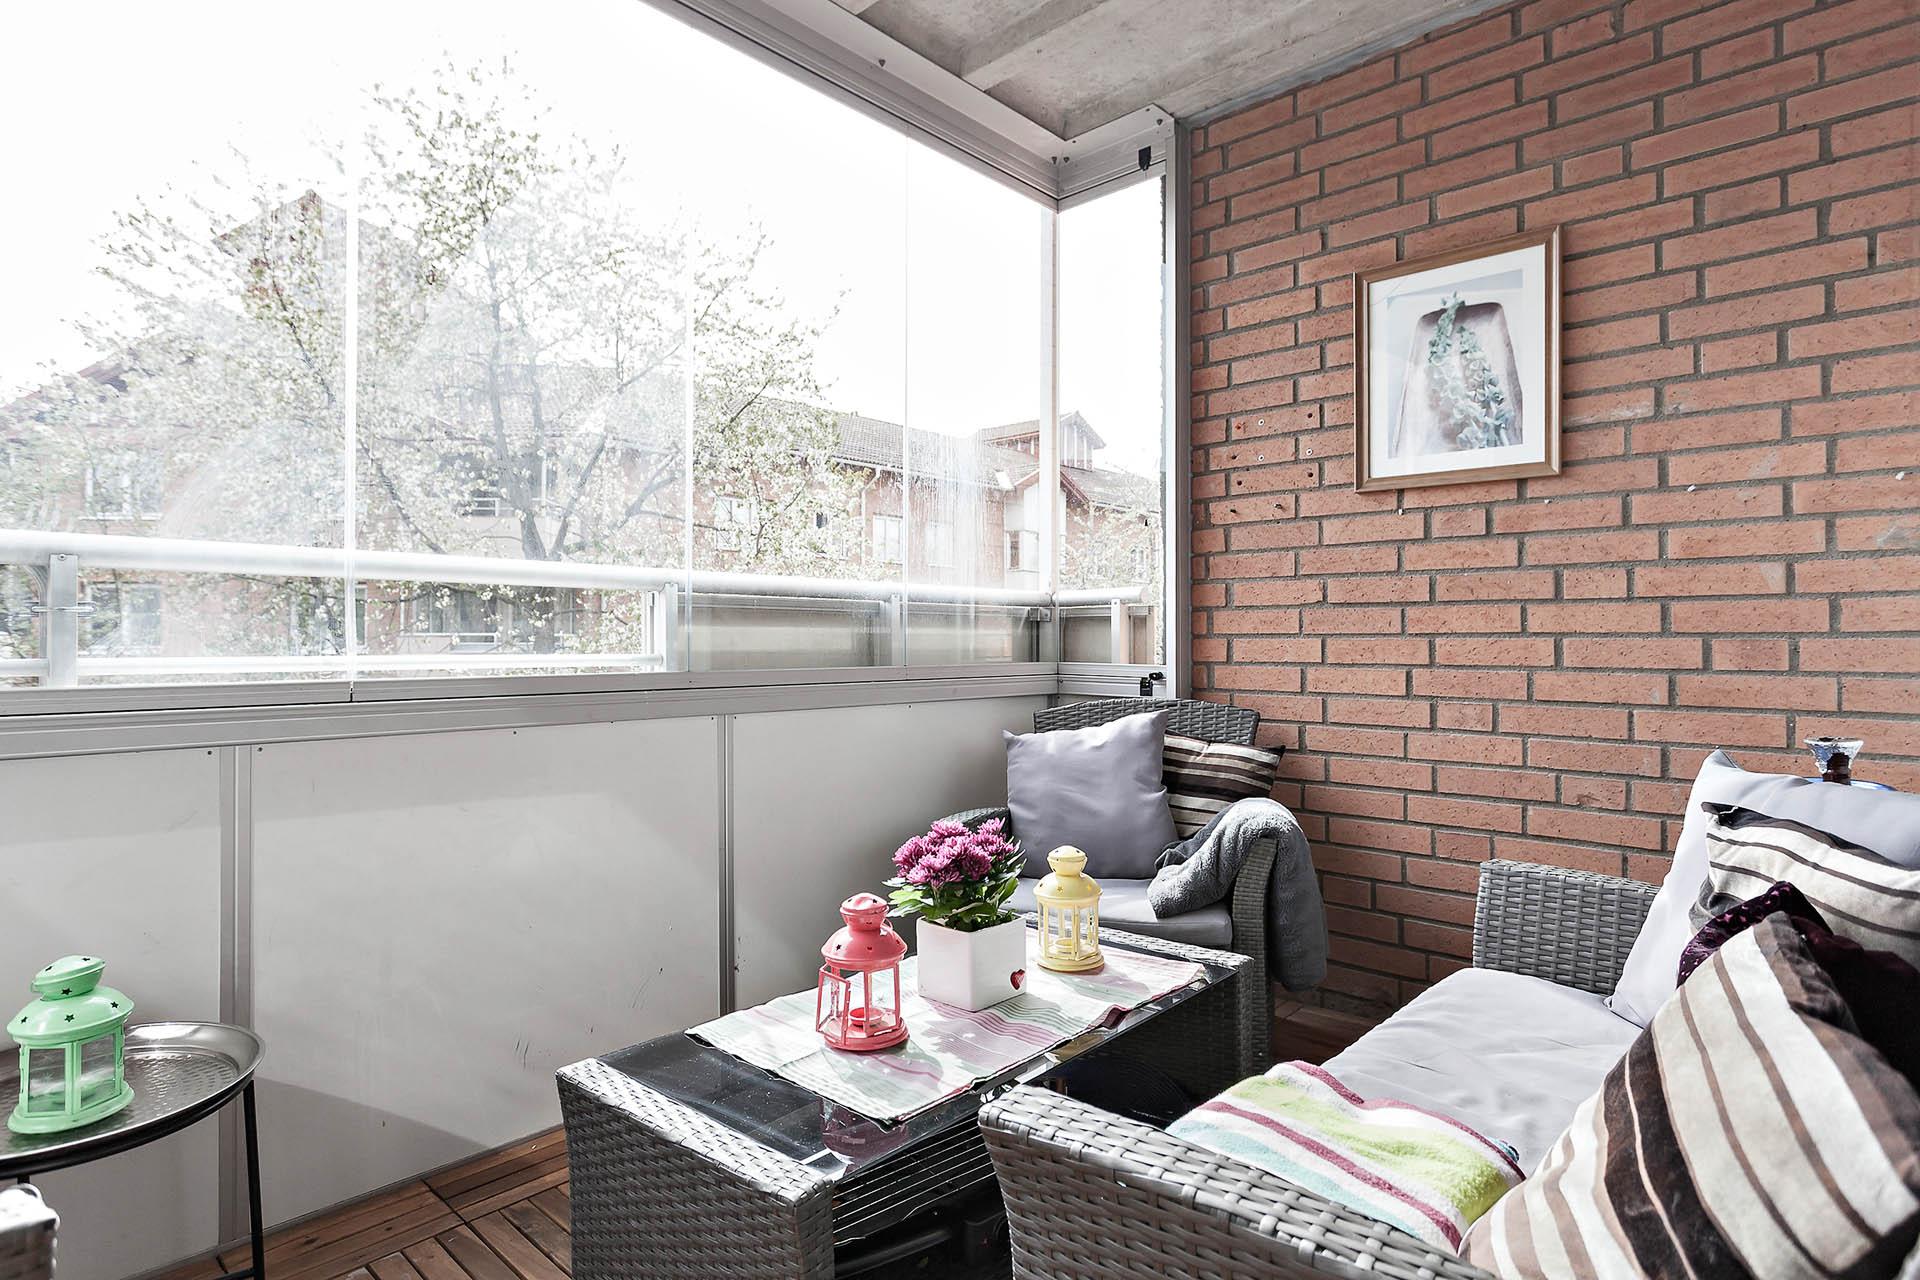 Inglasad balkong med plats för soffa och stolar, planteringar i krukor etc.